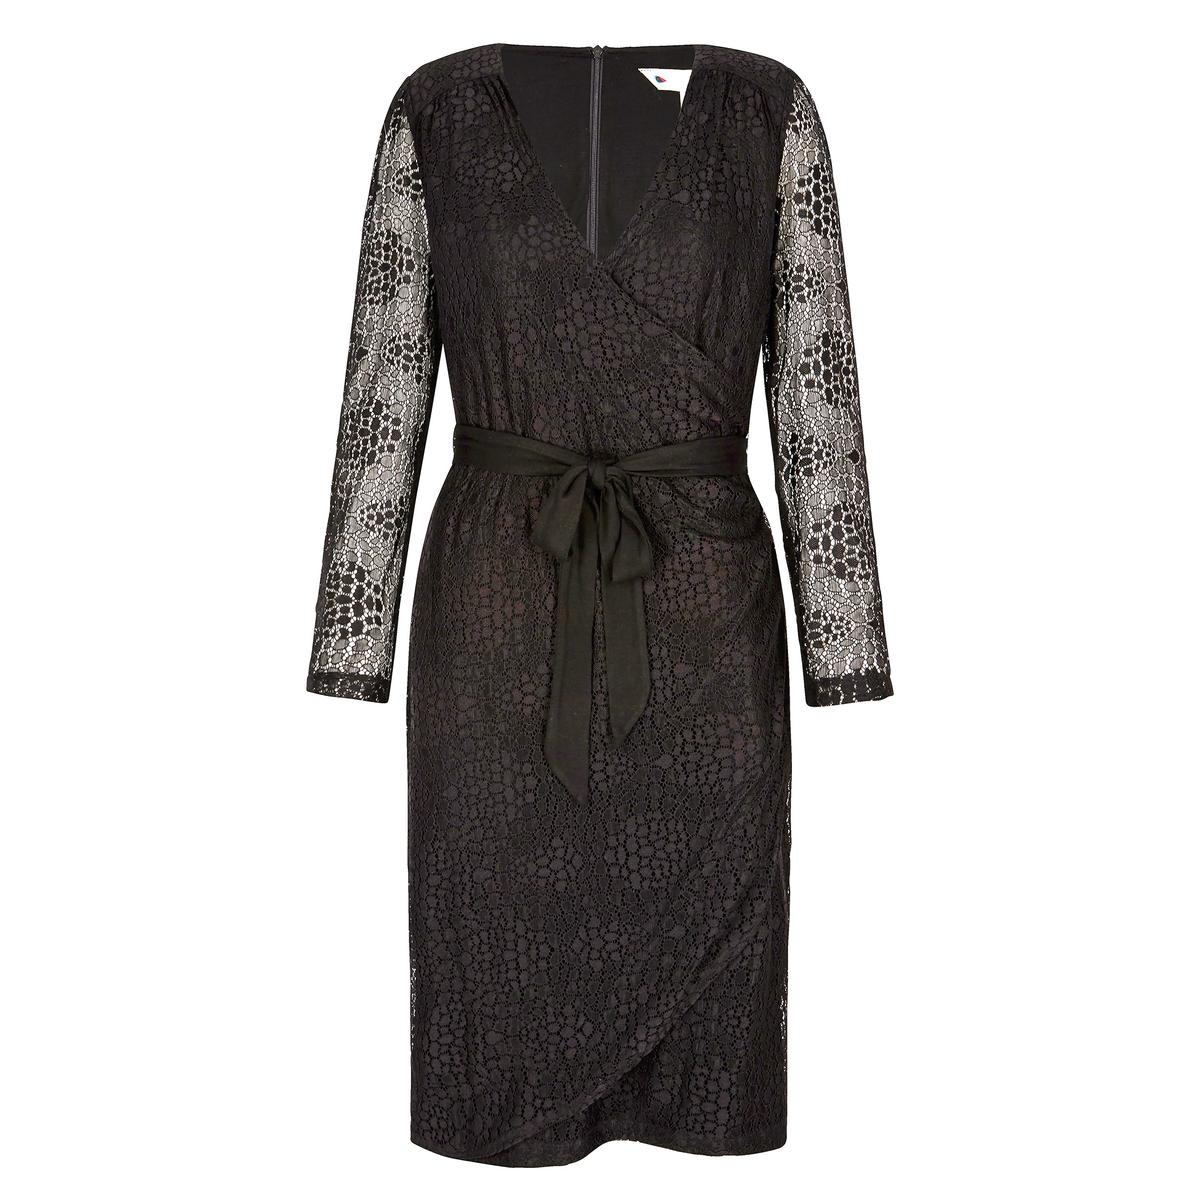 Платье кружевное с запахом UbadКружевное платье Ubad. Длинные рукава. V-образный вырез с запахом. Завязывается на талии. Небольшие сборки на плечах спереди. Полупрозрачные рукава. На подкладке.  Состав и описаниеМатериал : Кружево 90% полиамида 10% эластана - Подкладка 95% вискозы 5% эластанаМарка : YumiМодель : Ubad77УходСледуйте инструкции по уходу на этикетке<br><br>Цвет: черный